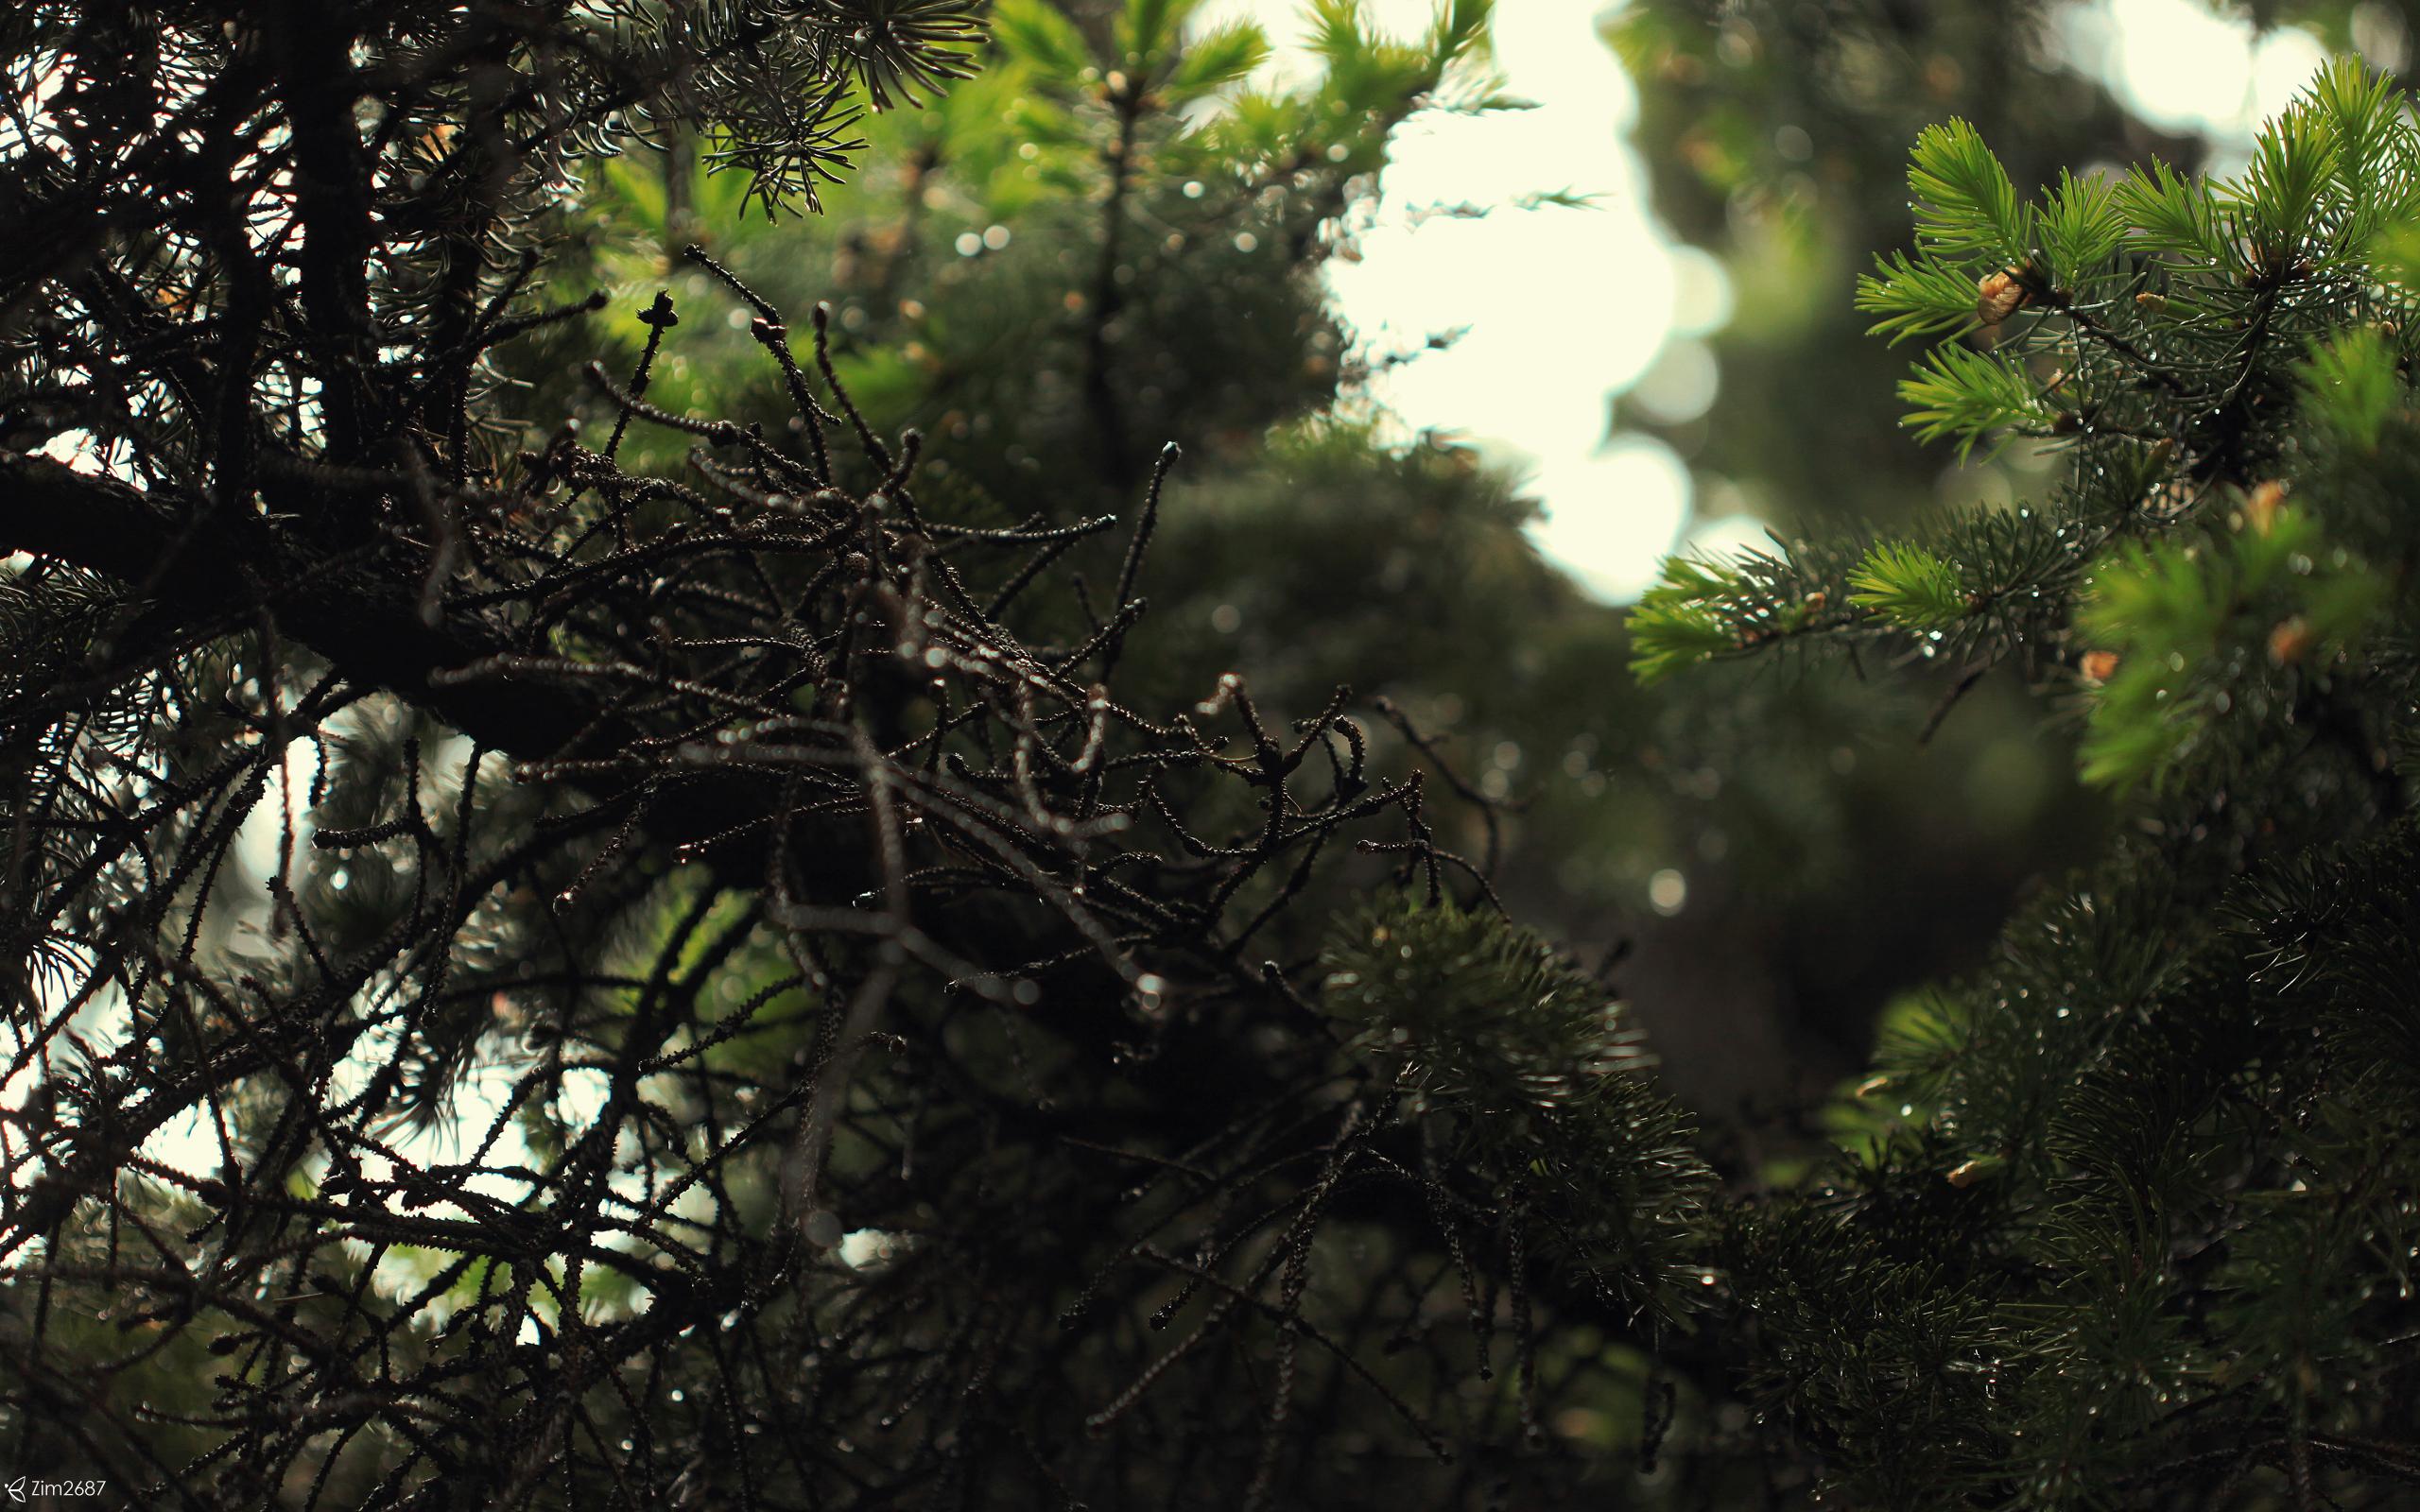 18971 скачать обои Растения, Деревья - заставки и картинки бесплатно